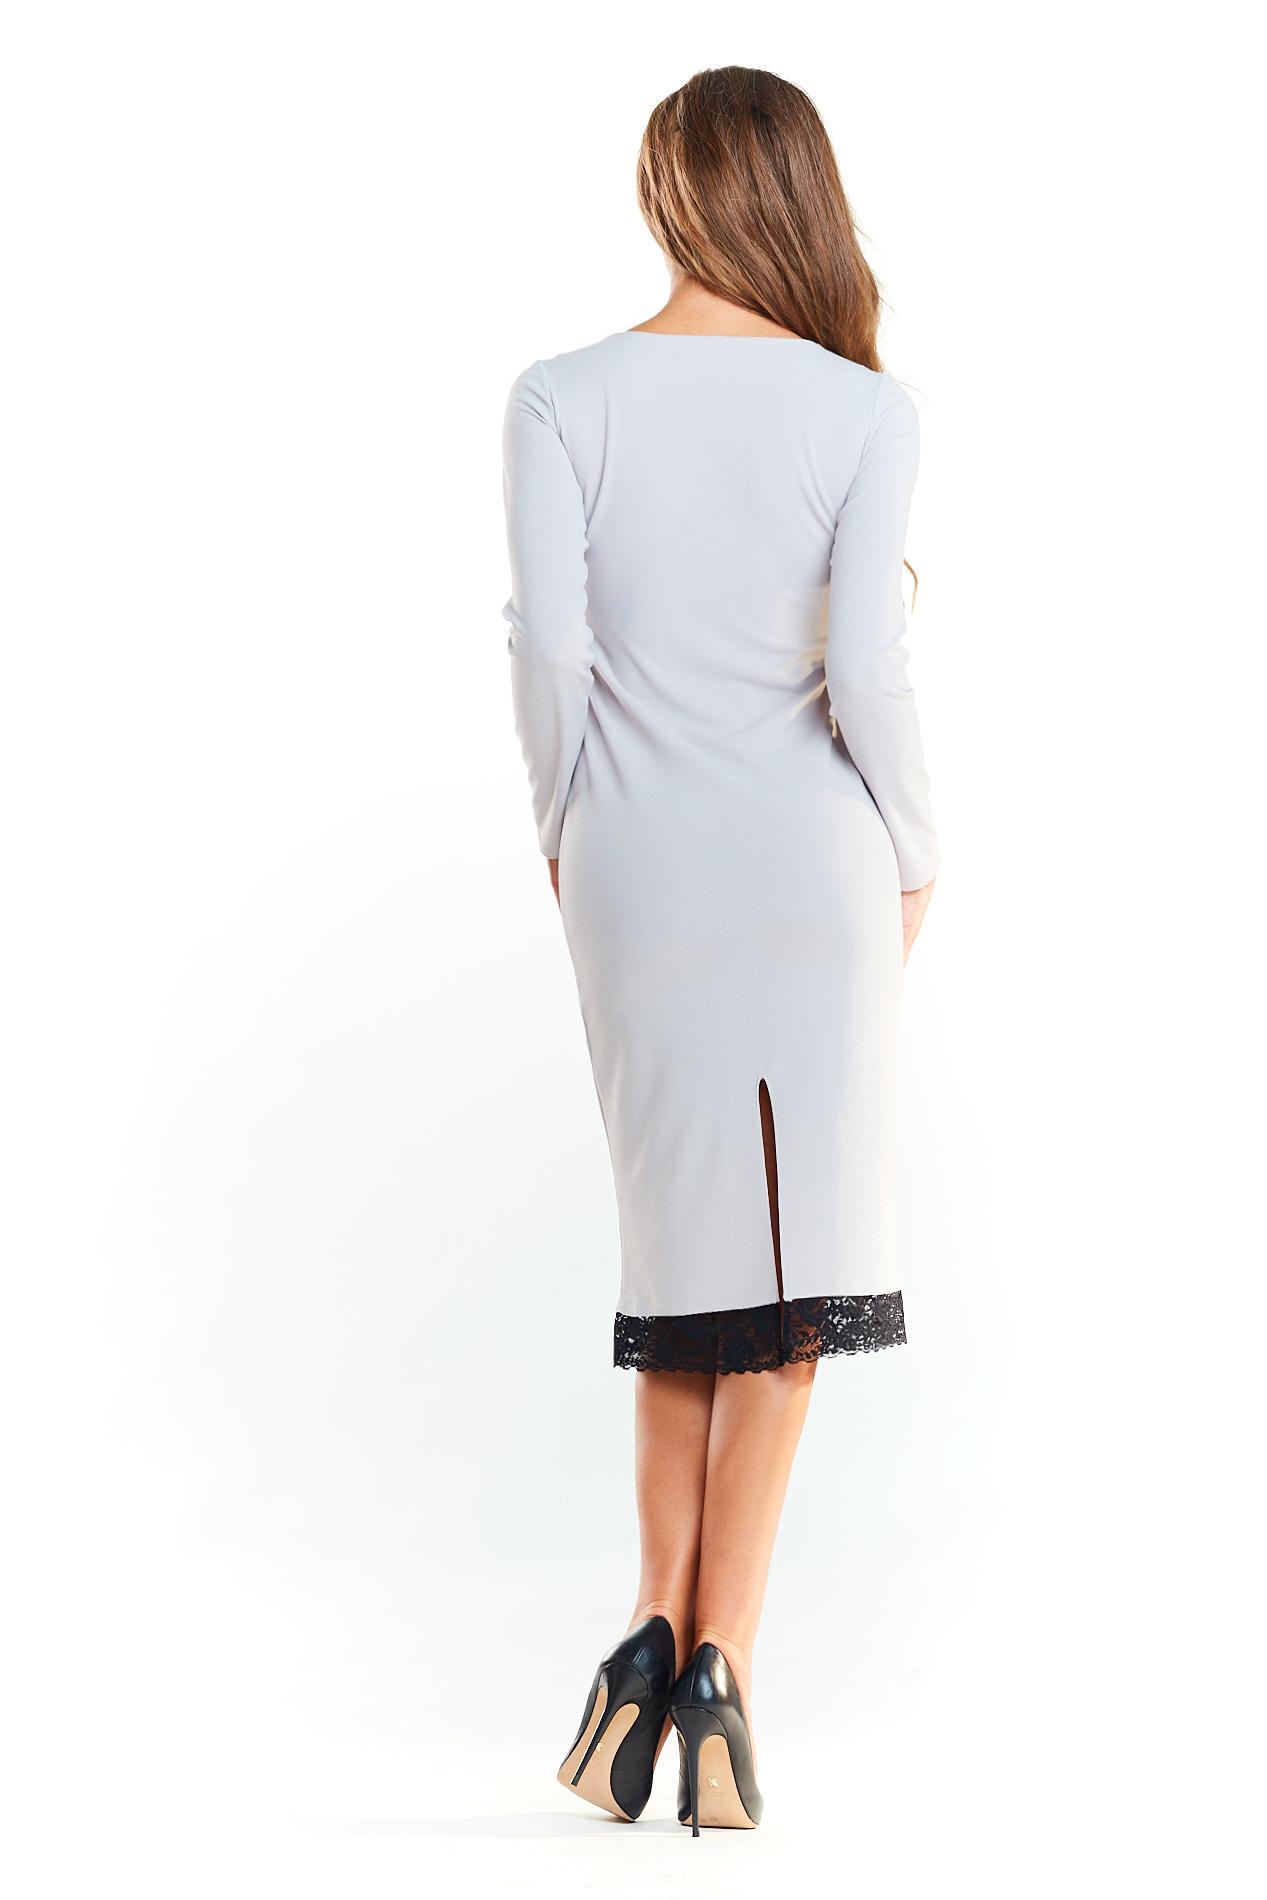 CM4038 Dopasowana sukienka z koronką od dołu - szara